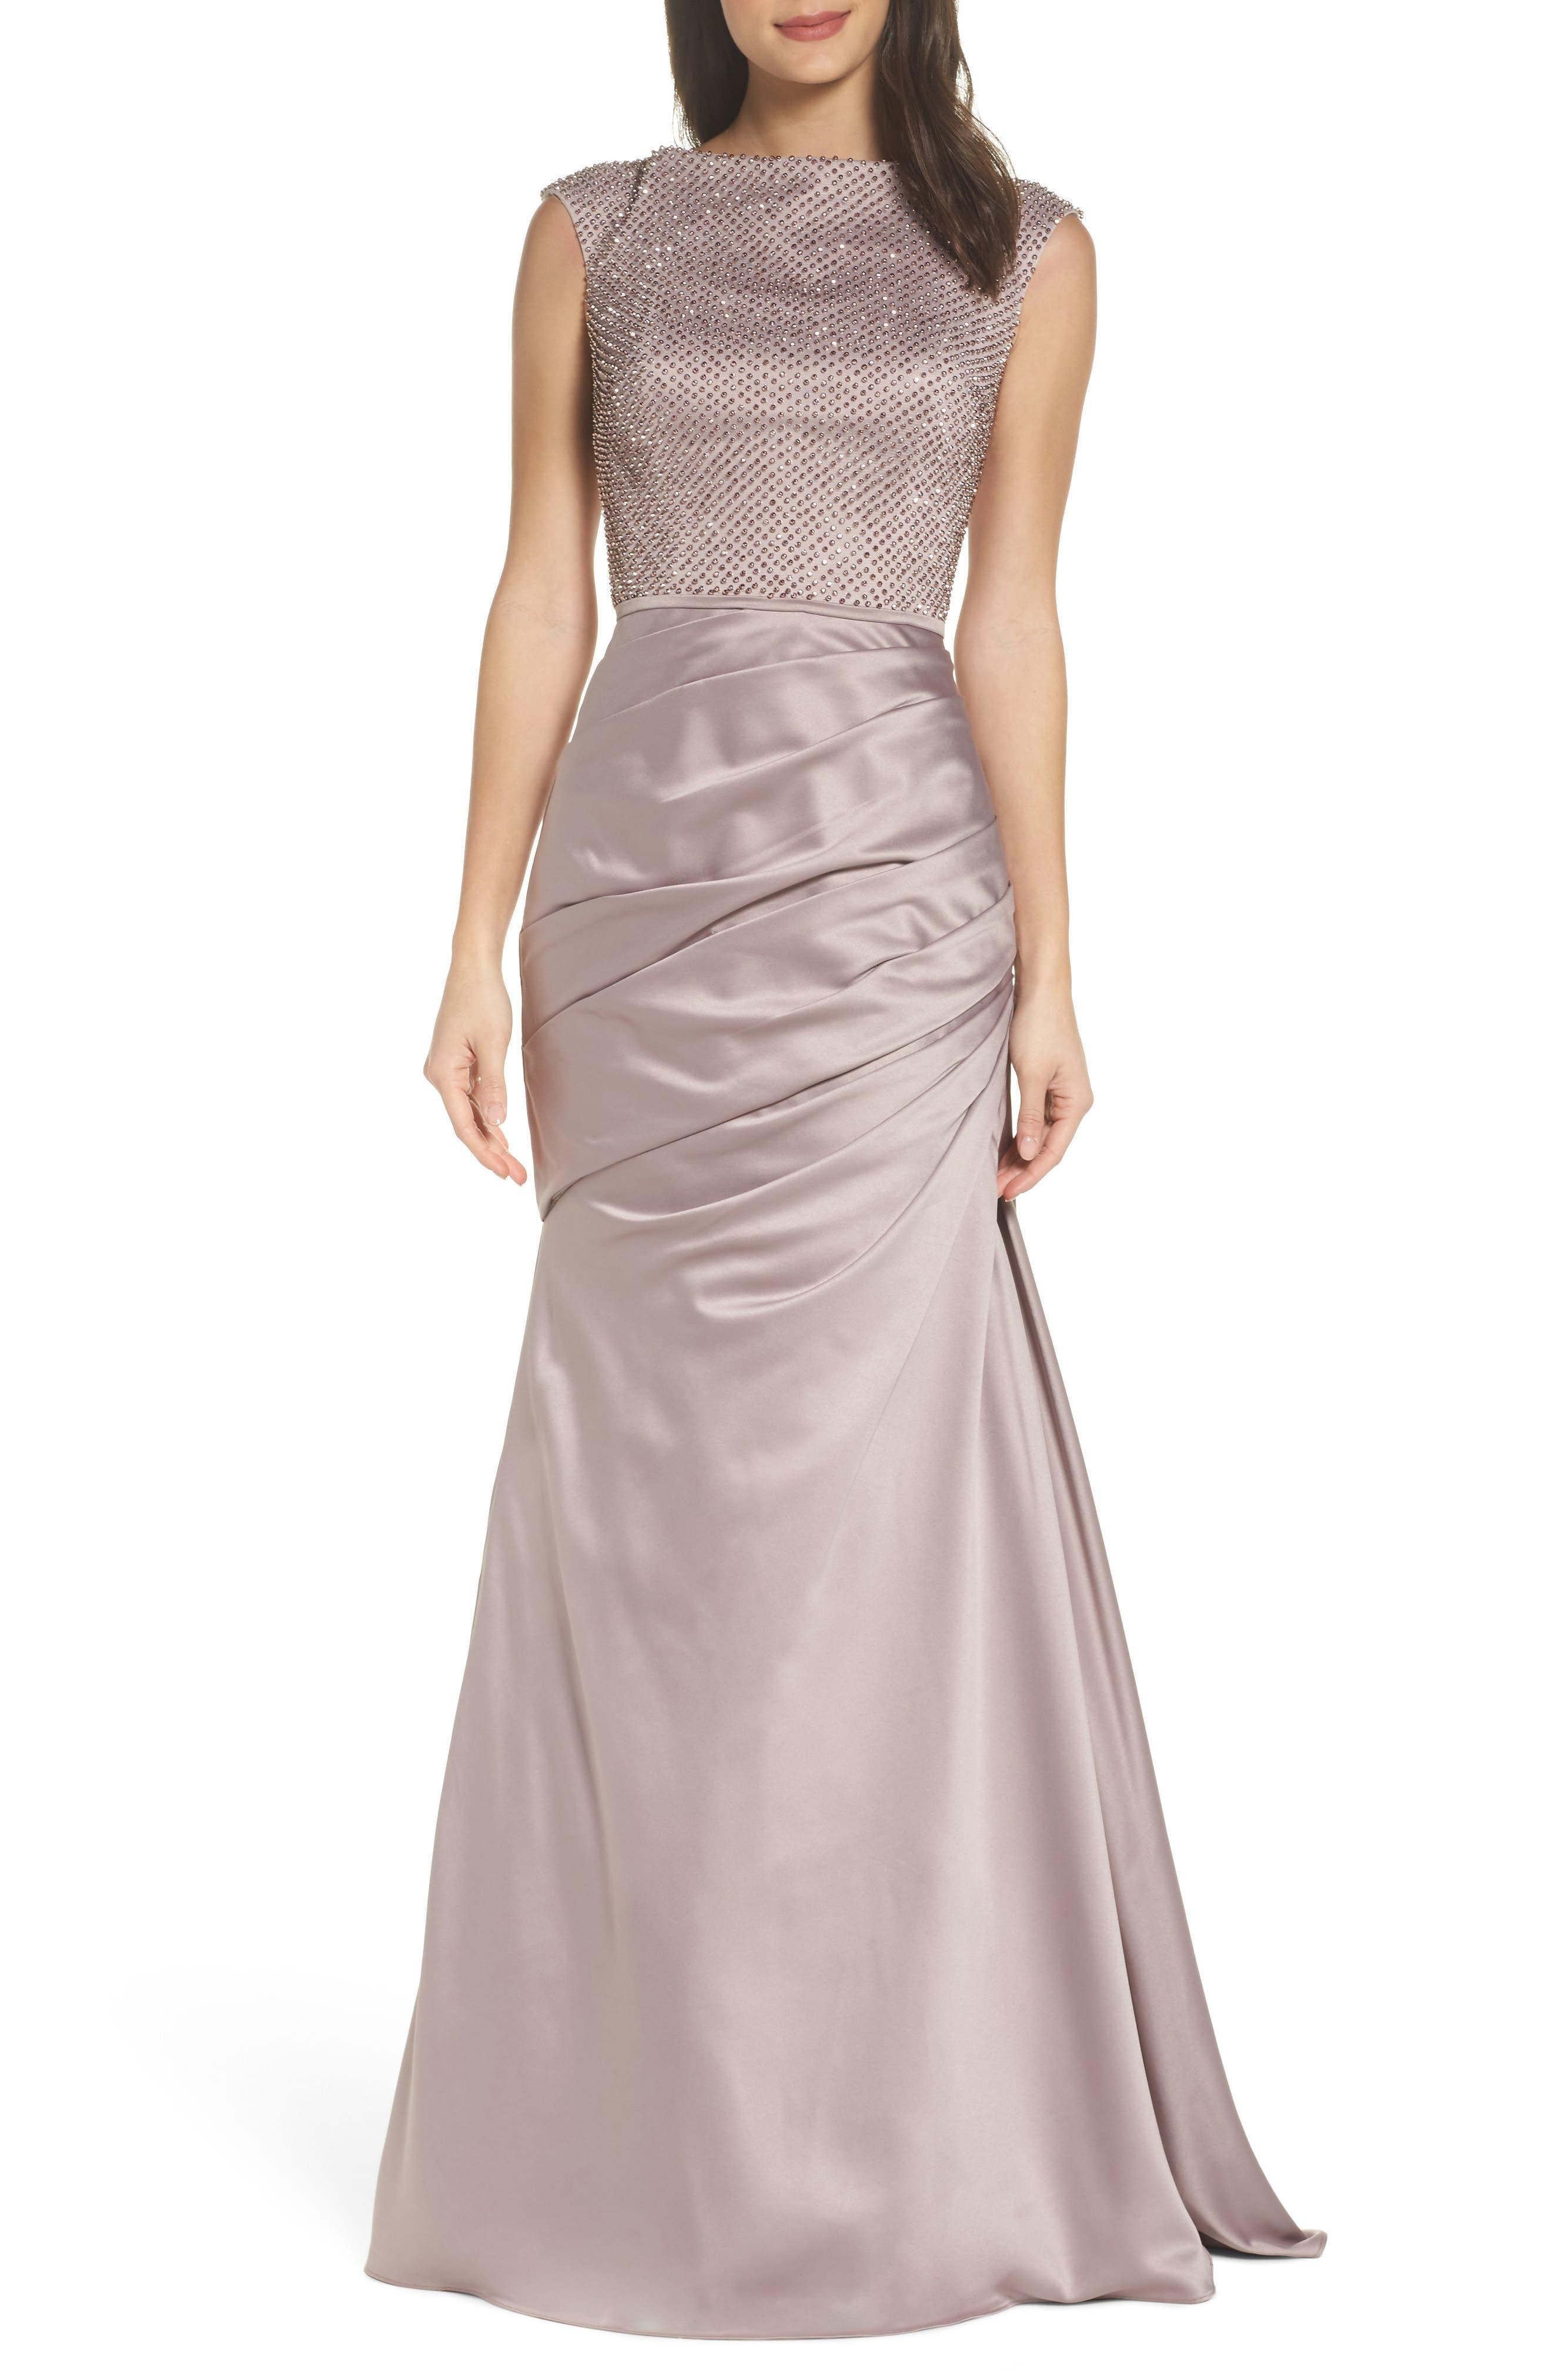 La Femme Embellished Bodice Trumpet Gown, Beige